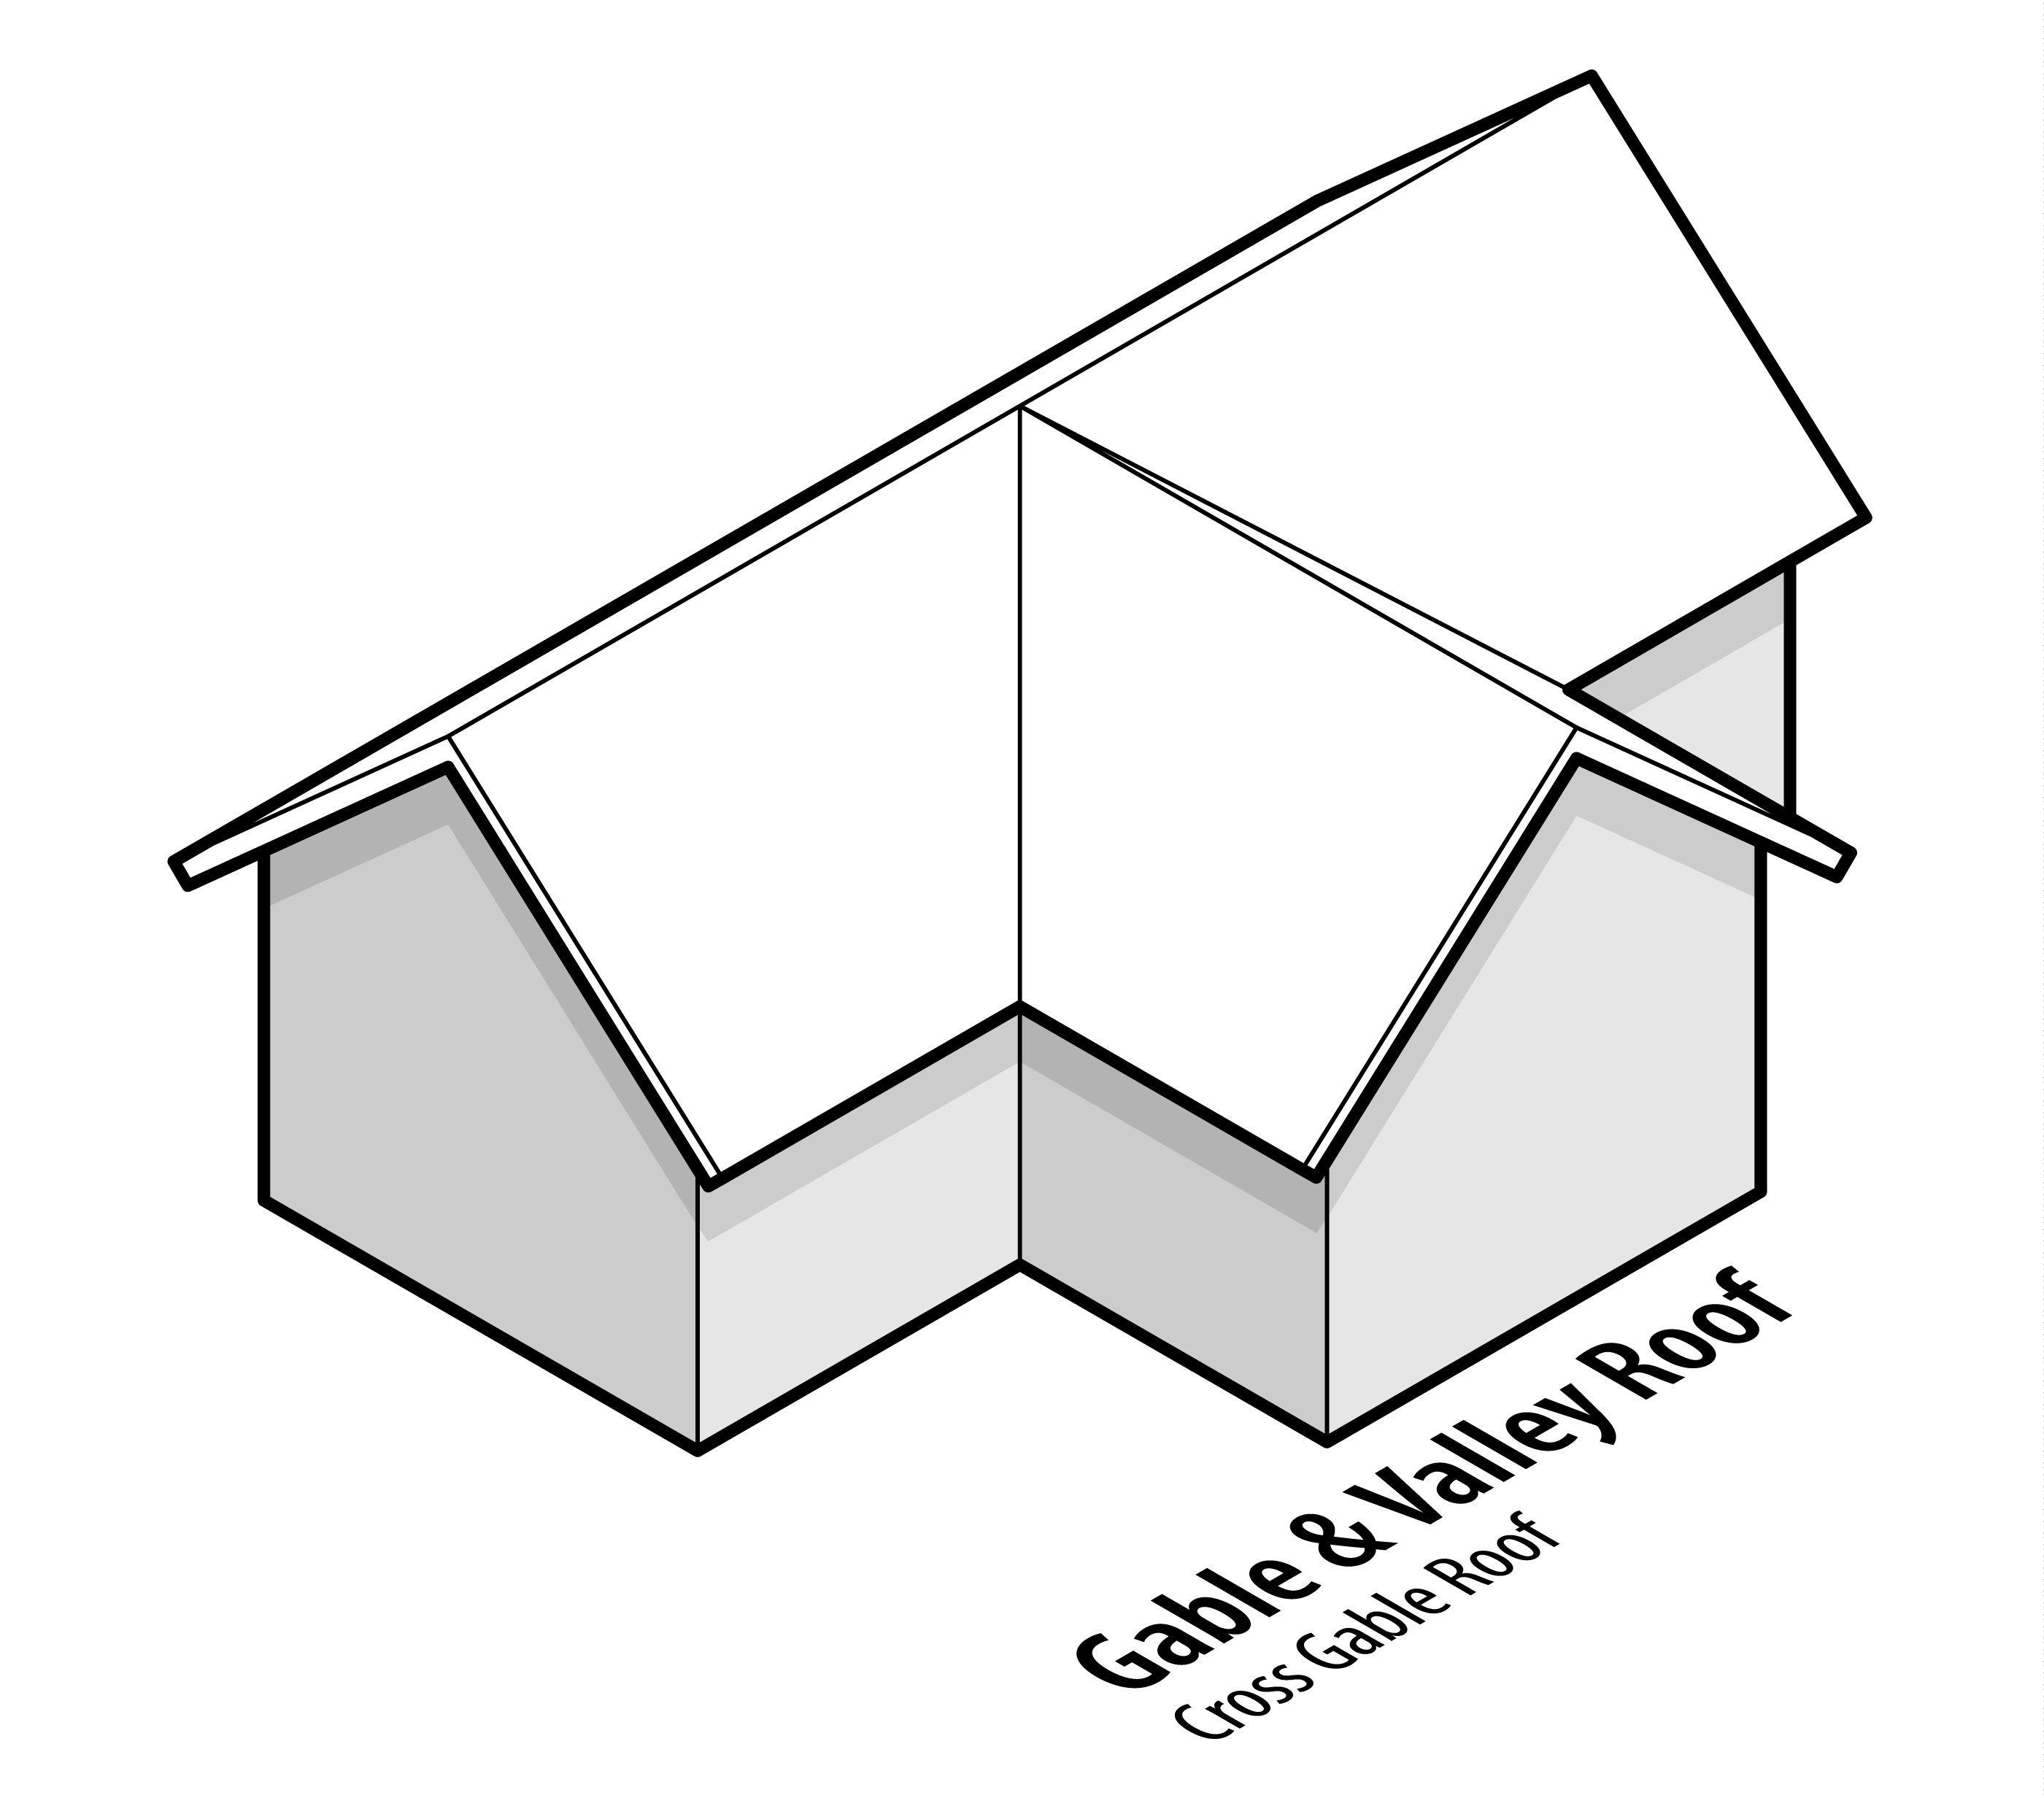 cross gable roof design [ 2801 x 2464 Pixel ]